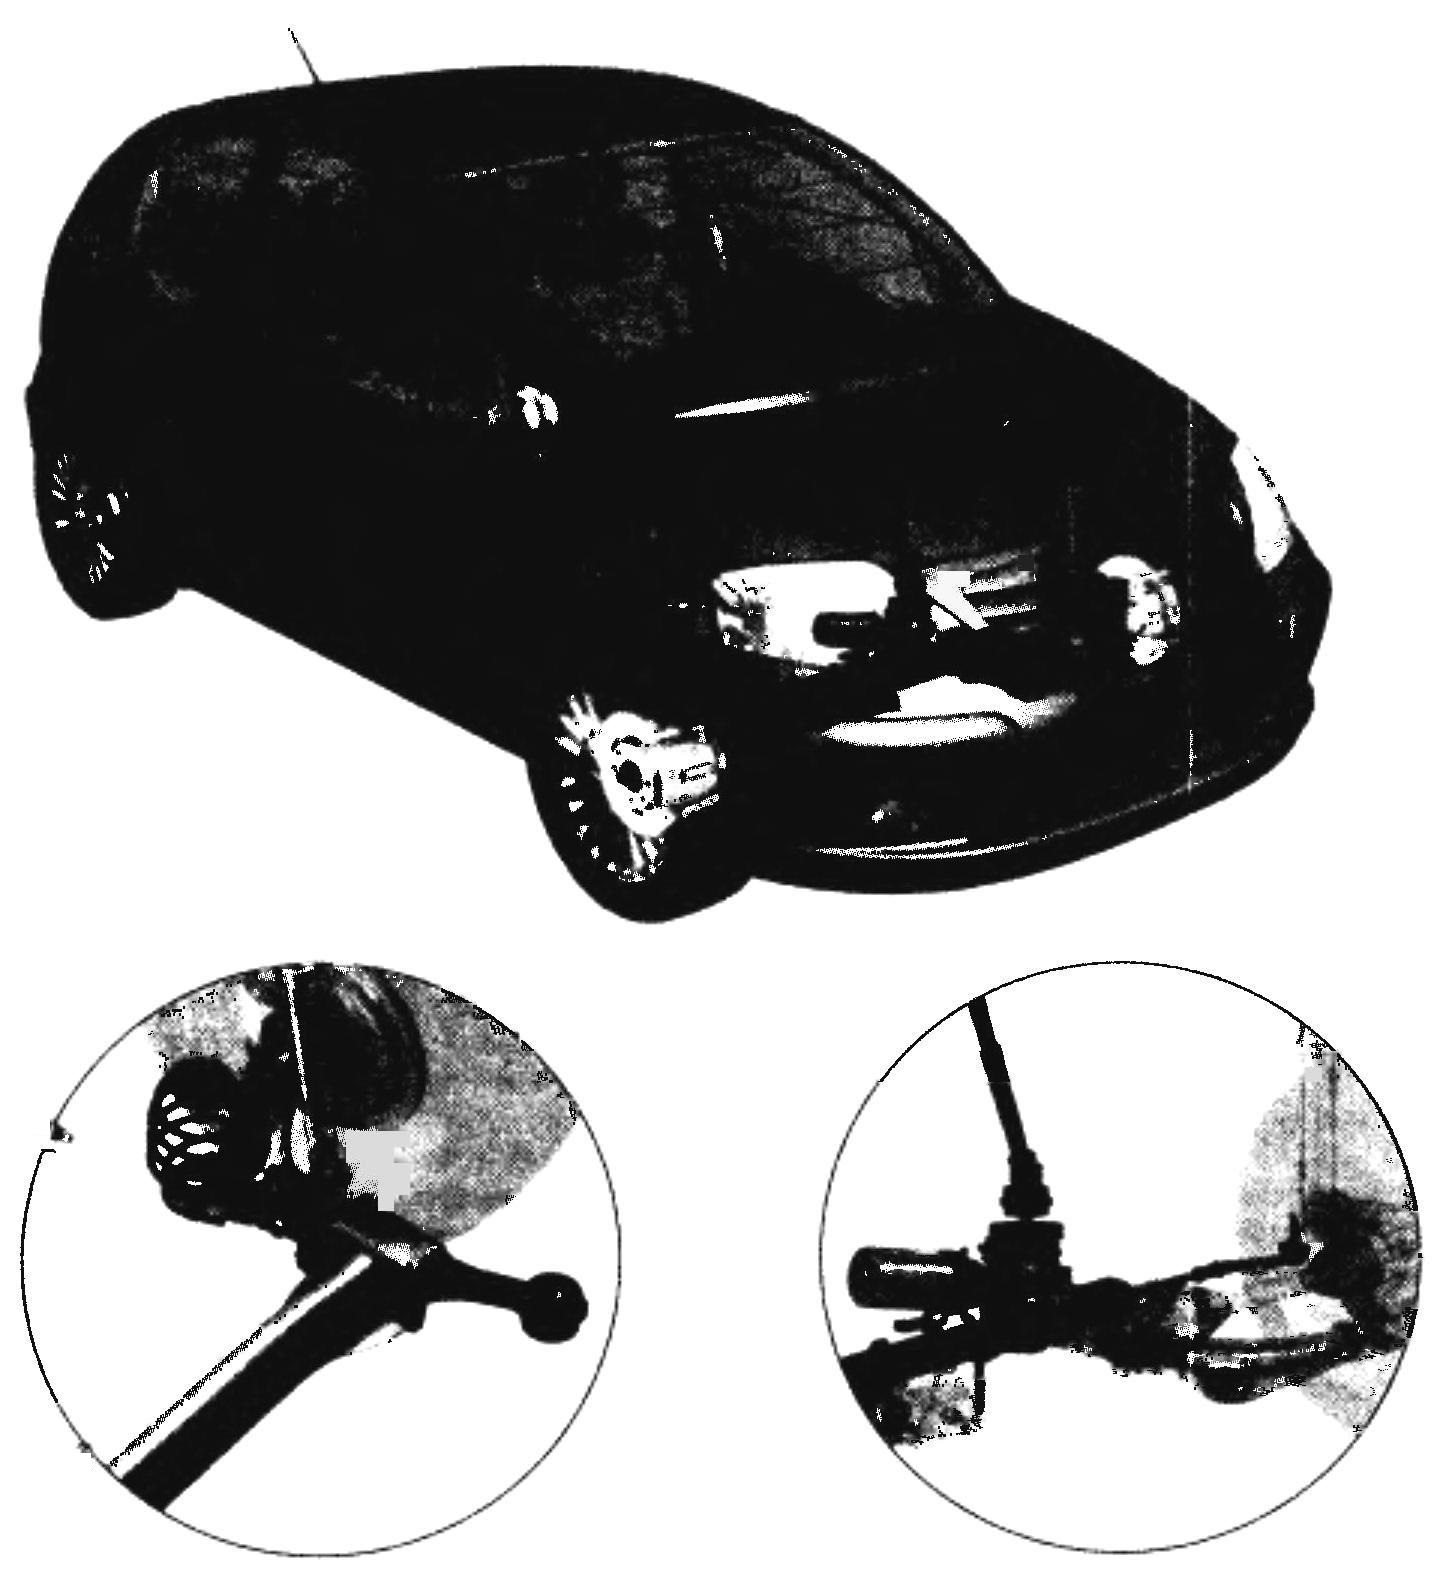 CITROEN С3 — ходовая часть. Внизу справа — независимая пружинная подвеска типа McPherson; слева — полузависимая пружинная задняя подвеска